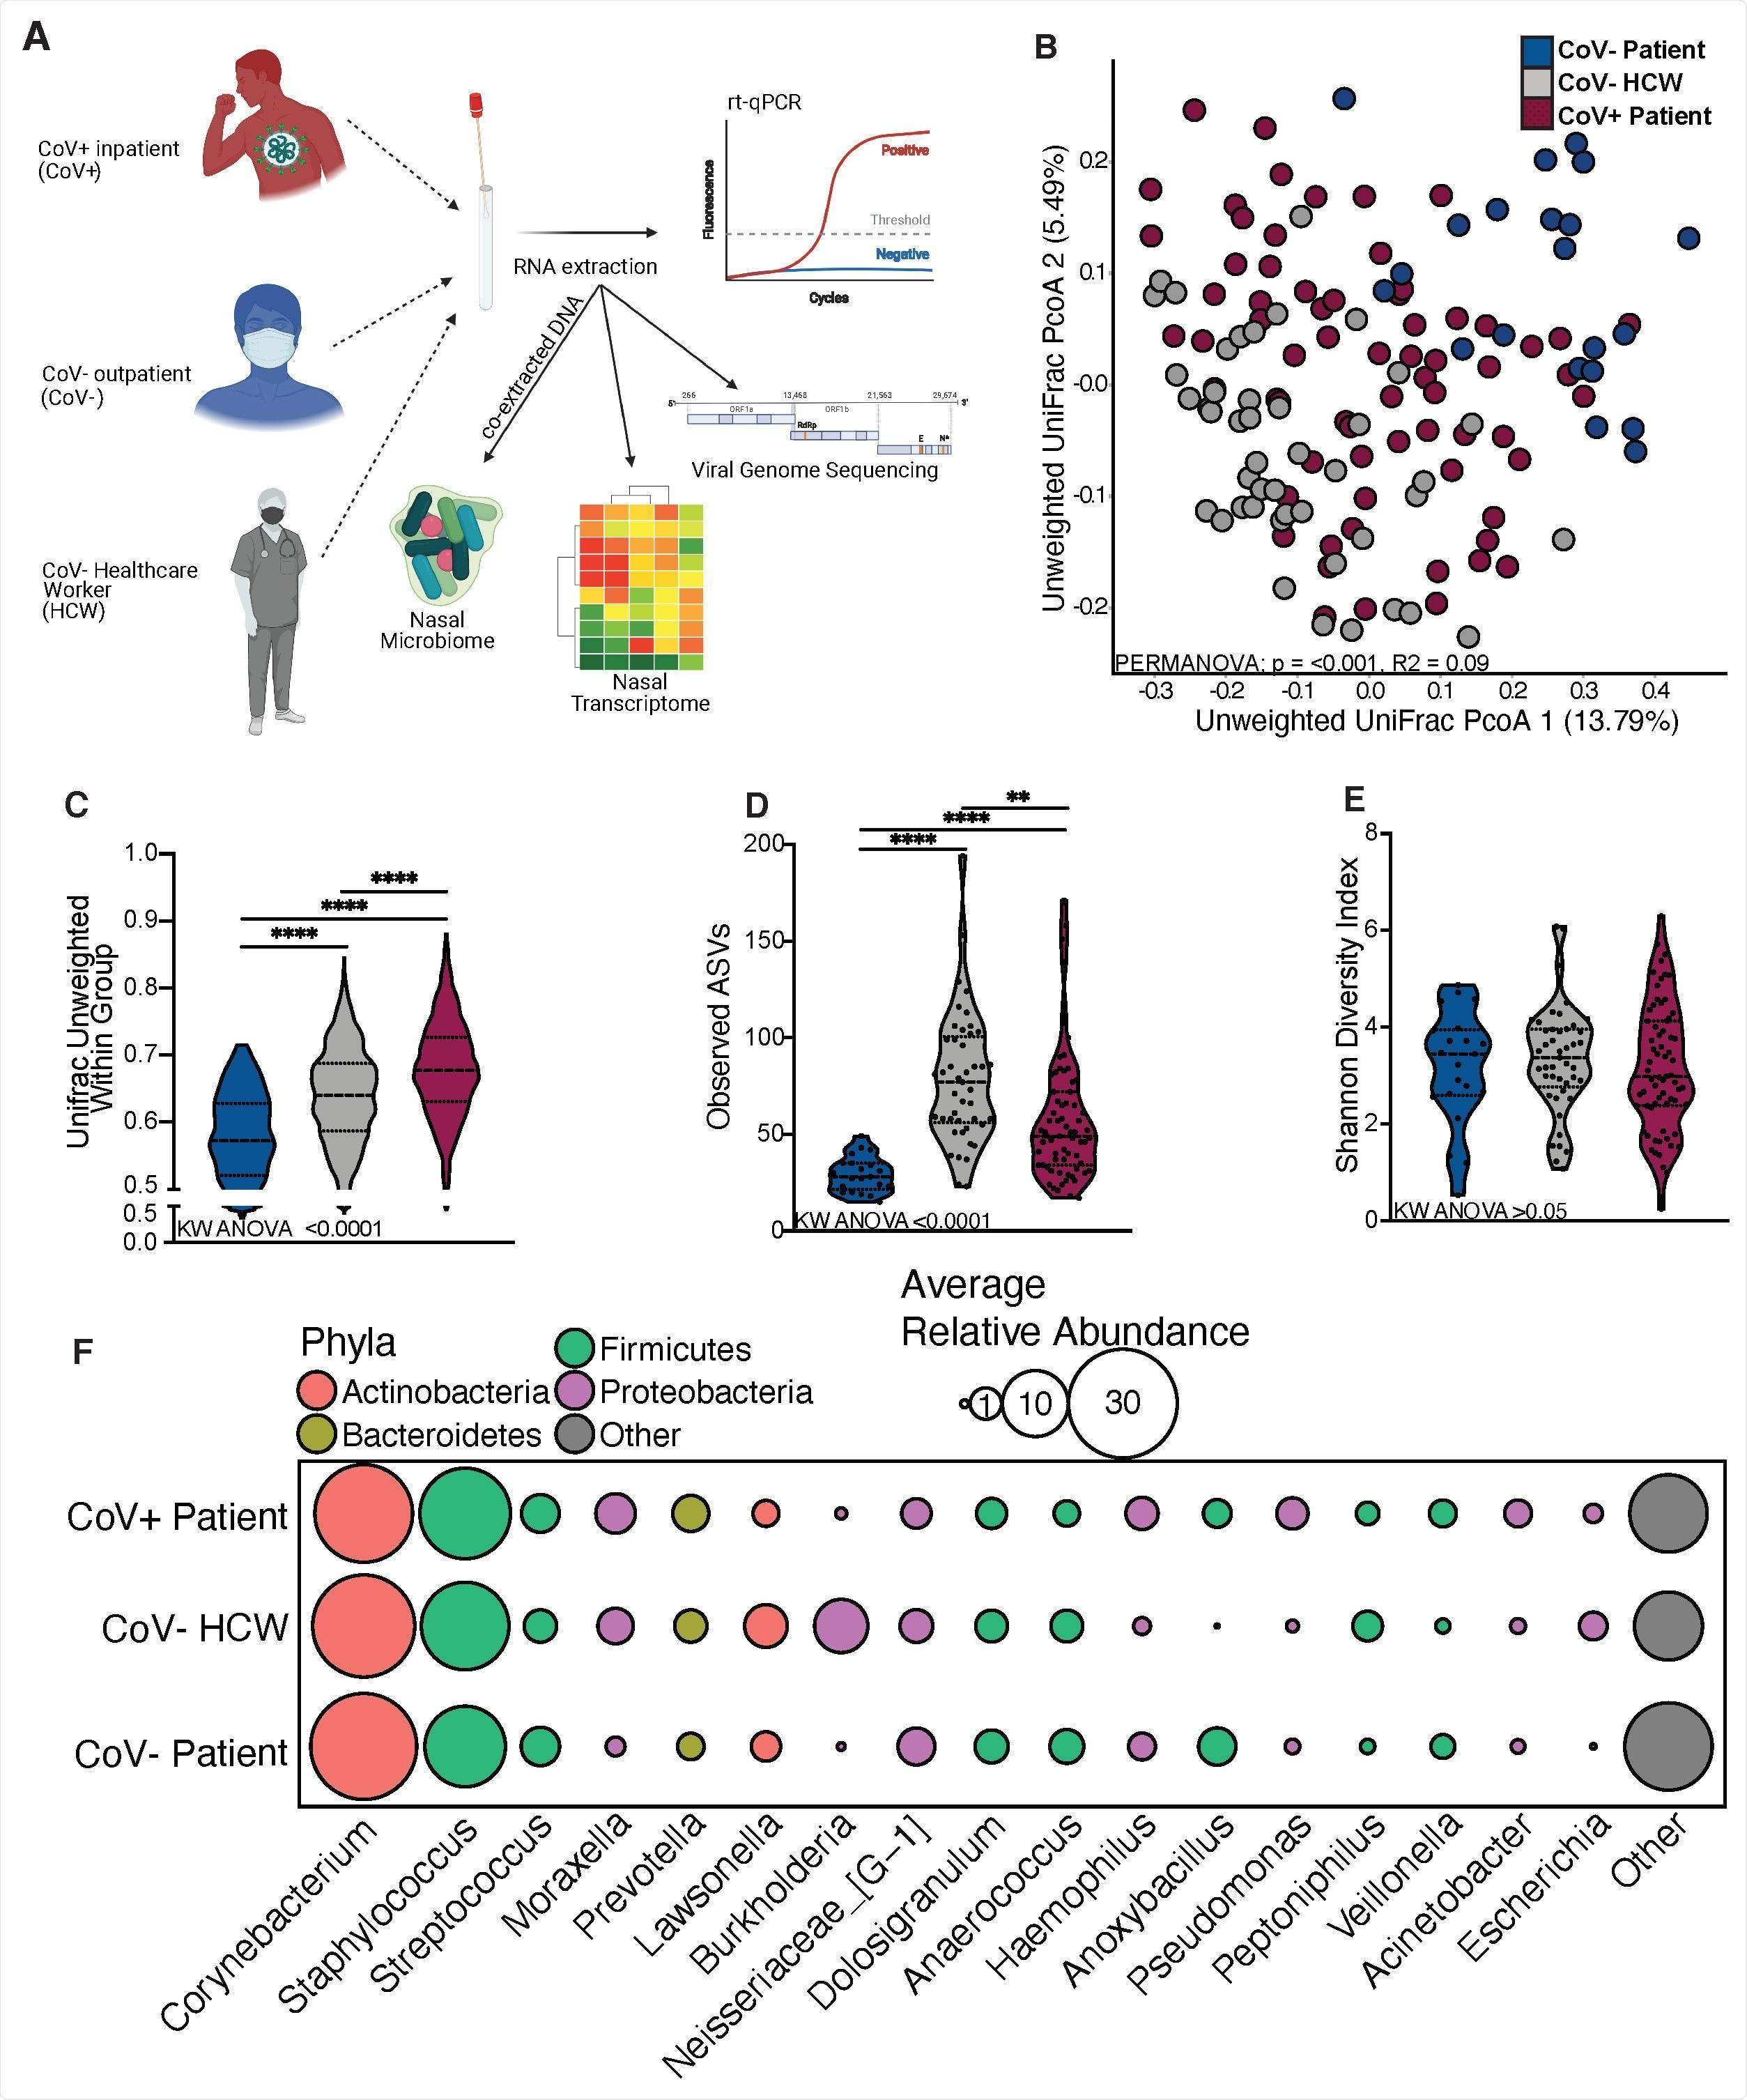 O microbiome nasal de pacientes contaminados SARS-CoV-2 é distinto. (a) Diagrama esquemático do projecto do estudo. (b) análise da Principal-coordenada de distância unweighted de UniFrac dos communitues microbianos nasais colorida pelo estado do anfitrião. A contribuição do estado do anfitrião a variação total nas matrizes unweighted da dissimilitude de UniFrac foi medida usando PERMANOVA (Adonis com 10.000 permutações). (C, D, E) lote do violino ilustrando (d) o número unweighted médio das distâncias de UniFrac (c) de amplicon observado que arranja em seqüência variações e (d) a separação da diversidade do shannon (e) pelo estado do anfitrião. O significado para o C-E dos painéis era determinado usando Kruskal Wallis ANOVA não-paramétrico (inserir dos p-valores na parte inferior de cada painel), com comparação múltipla de Dunn * = p < 0,05, ** = p <0.01, *** = p < 0,001, **** = p < 0,0001. (f) Lotes da bolha dos géneros bacterianos encontrados na abundância média maior de 1% através da população inteira do estudo pedida da esquerda para a direita em abundância média descendente. O tamanho de cada círculo indica que a abundância relativa média para o cada taxa no grupo denotado e na cor de cada círculo denota que filos bacterianos cada os géneros pertencem.